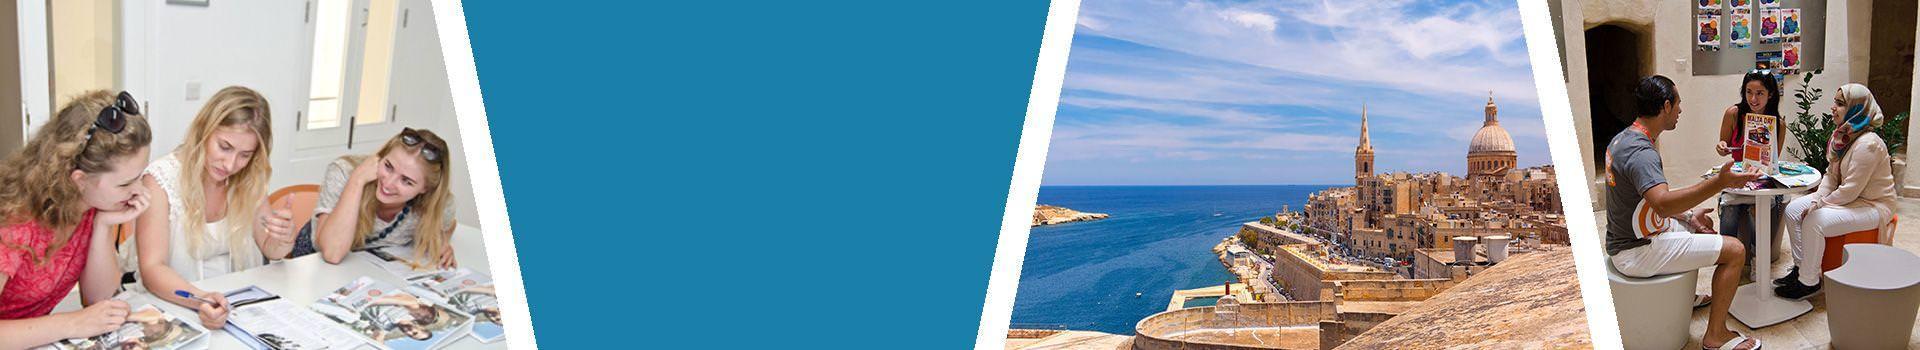 Sprachreise nach Valletta für Erwachsene auf Malta Slider